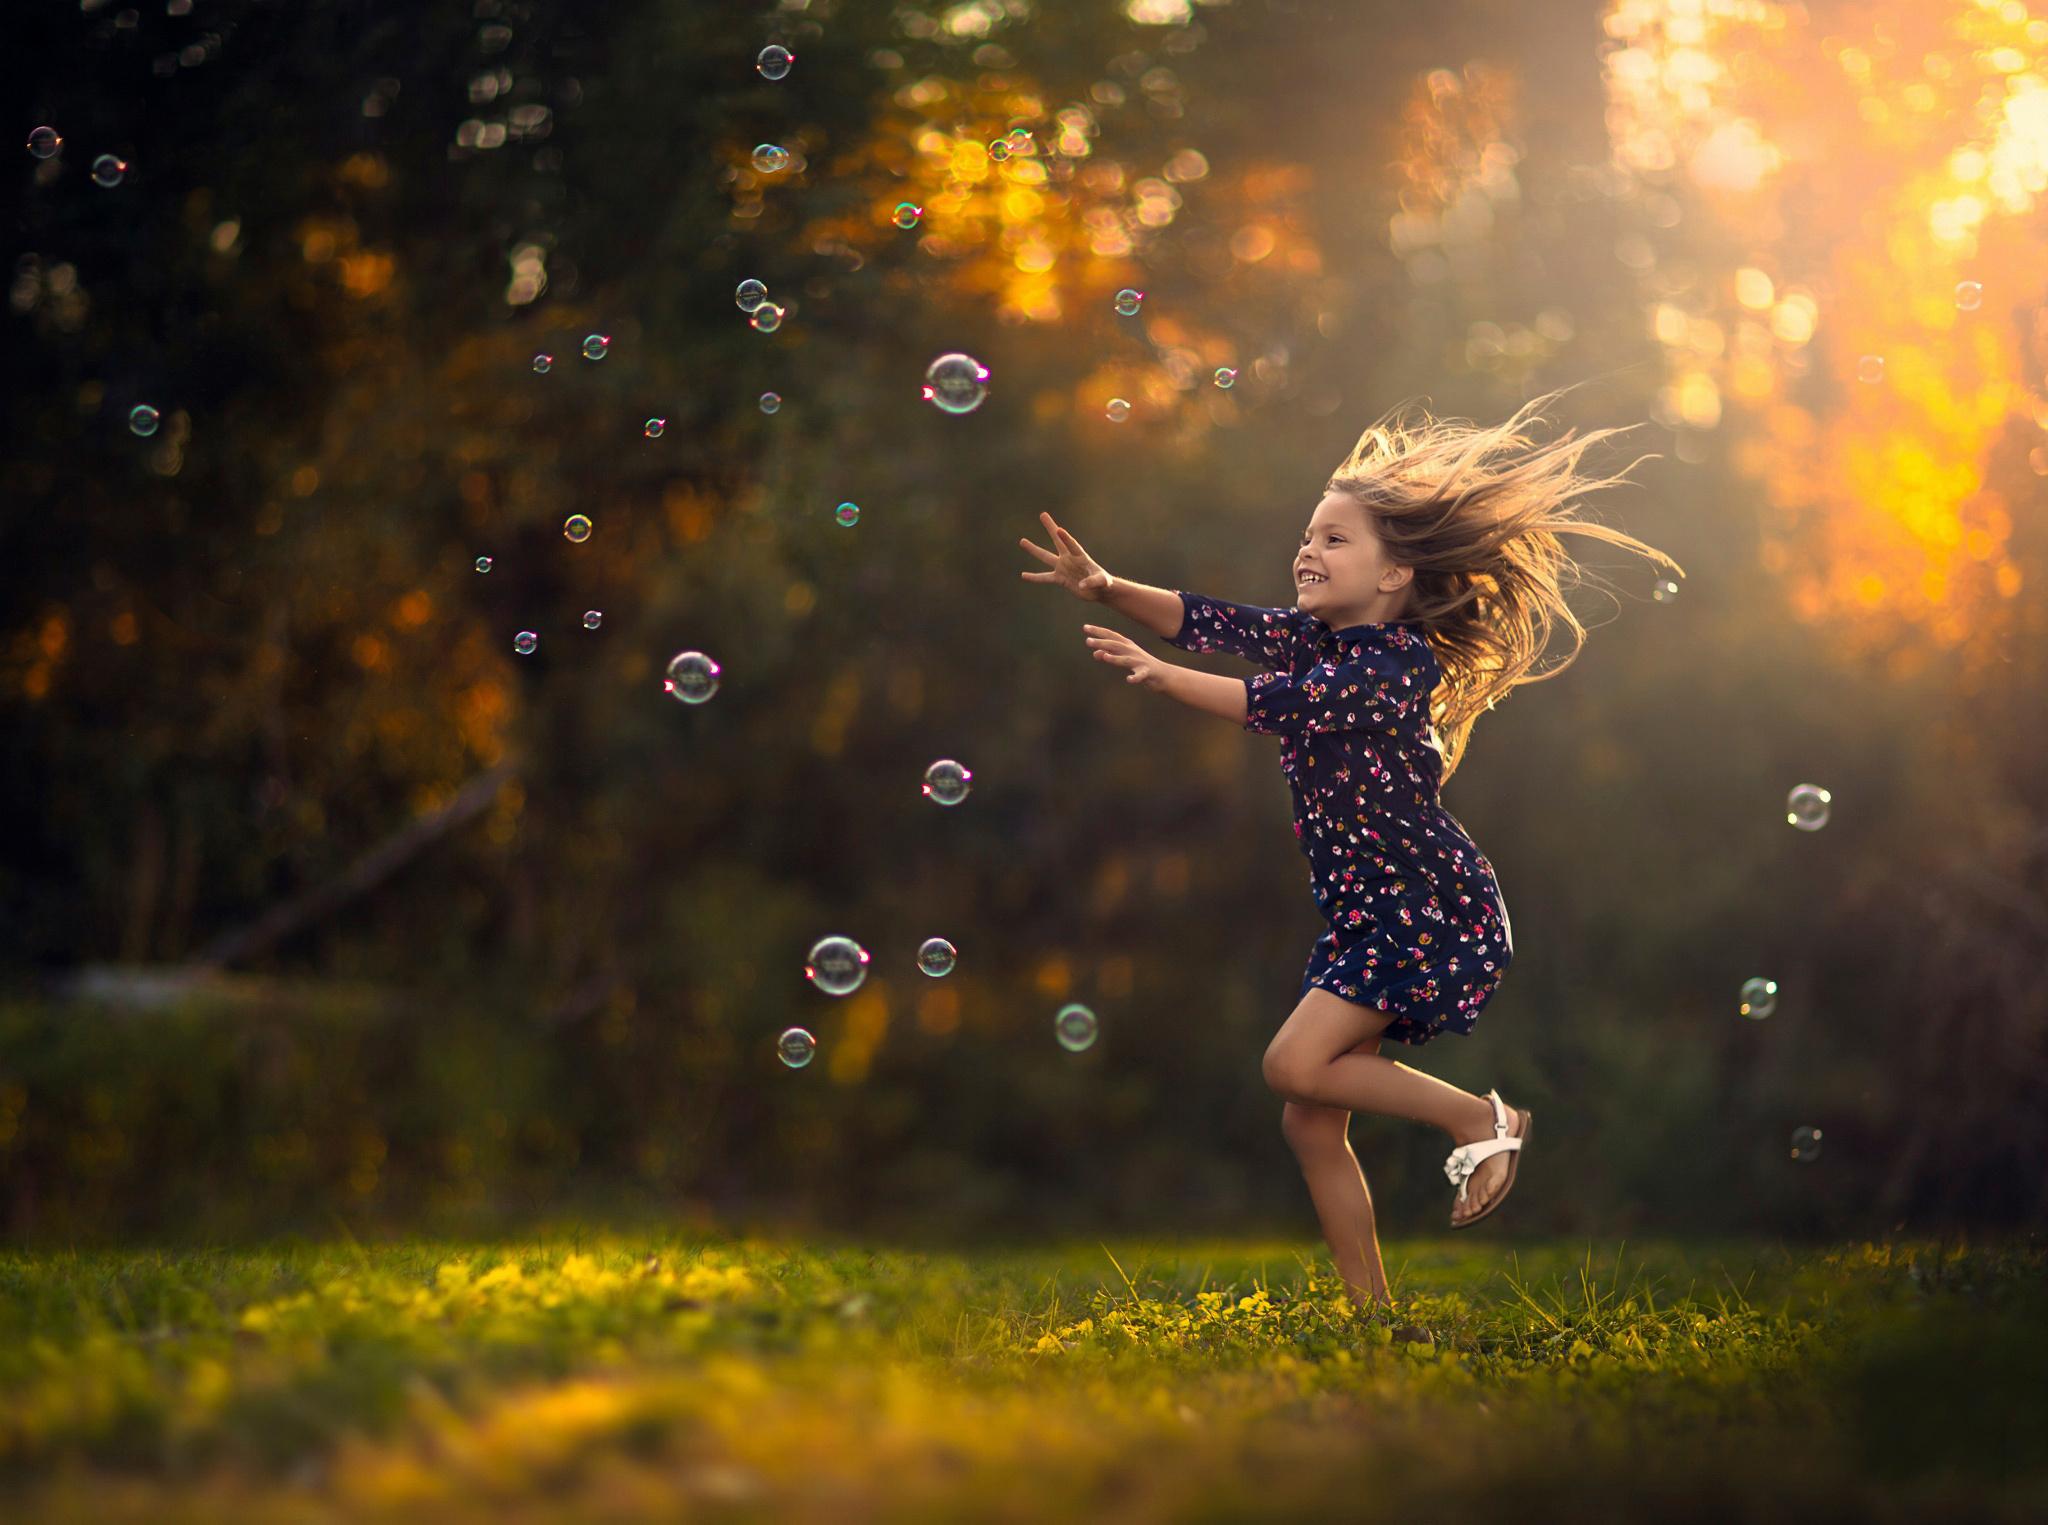 Радость картинки красивые фото хадис